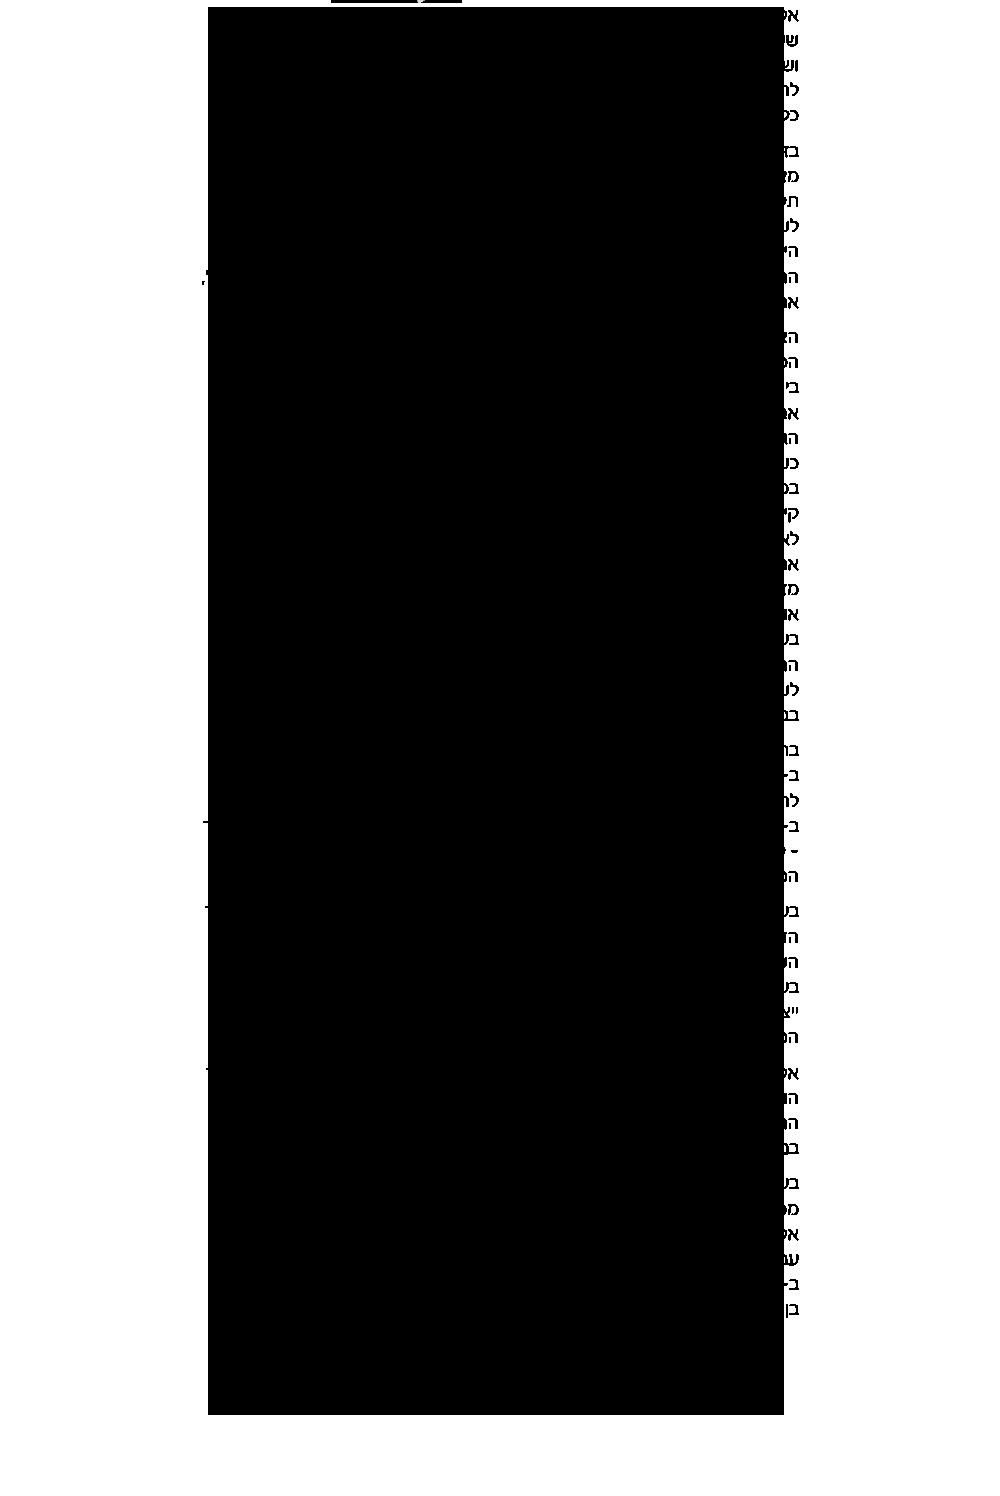 טקסט על אליעזר פלג